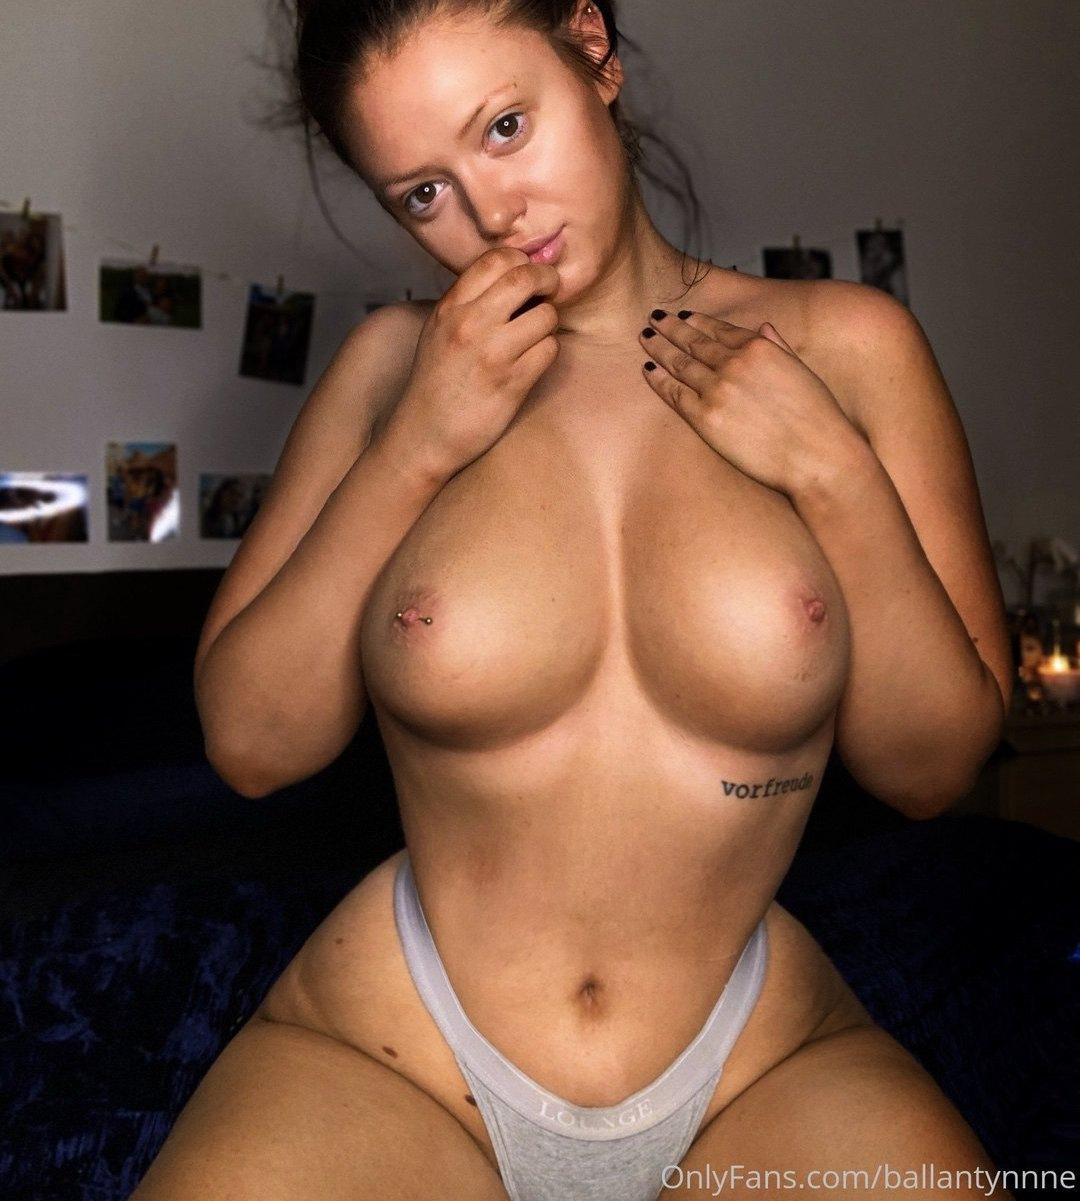 Ballantynnne Onlyfans Nudes Leaks 0025